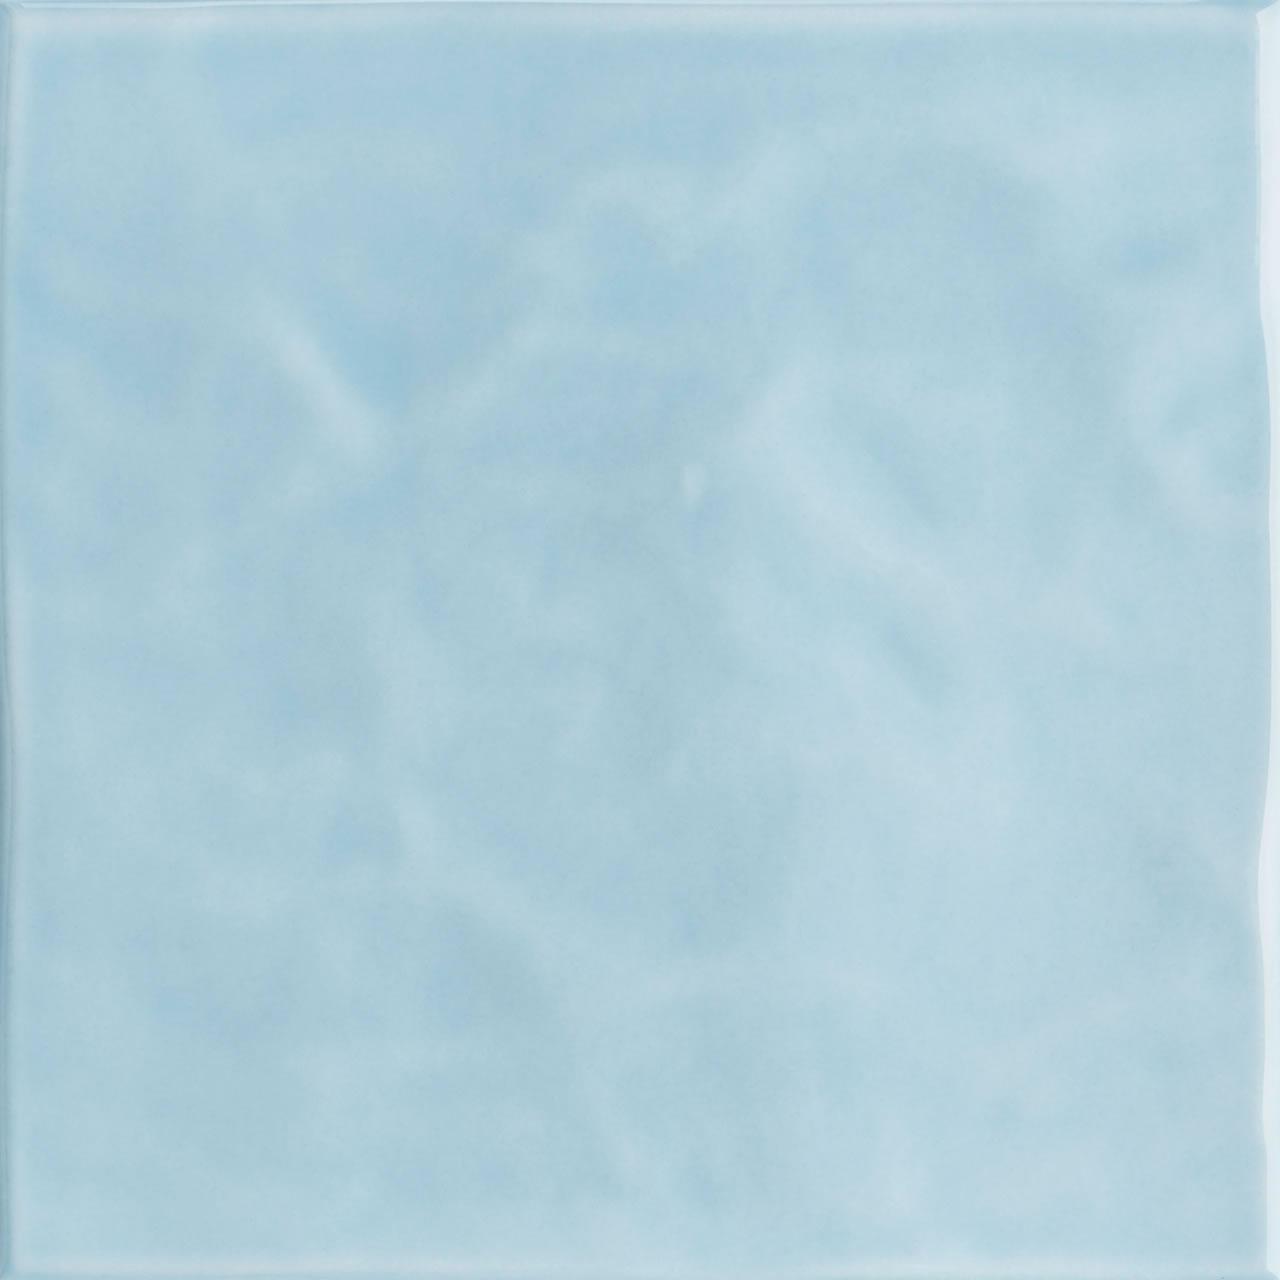 azul céu onda br 20×20